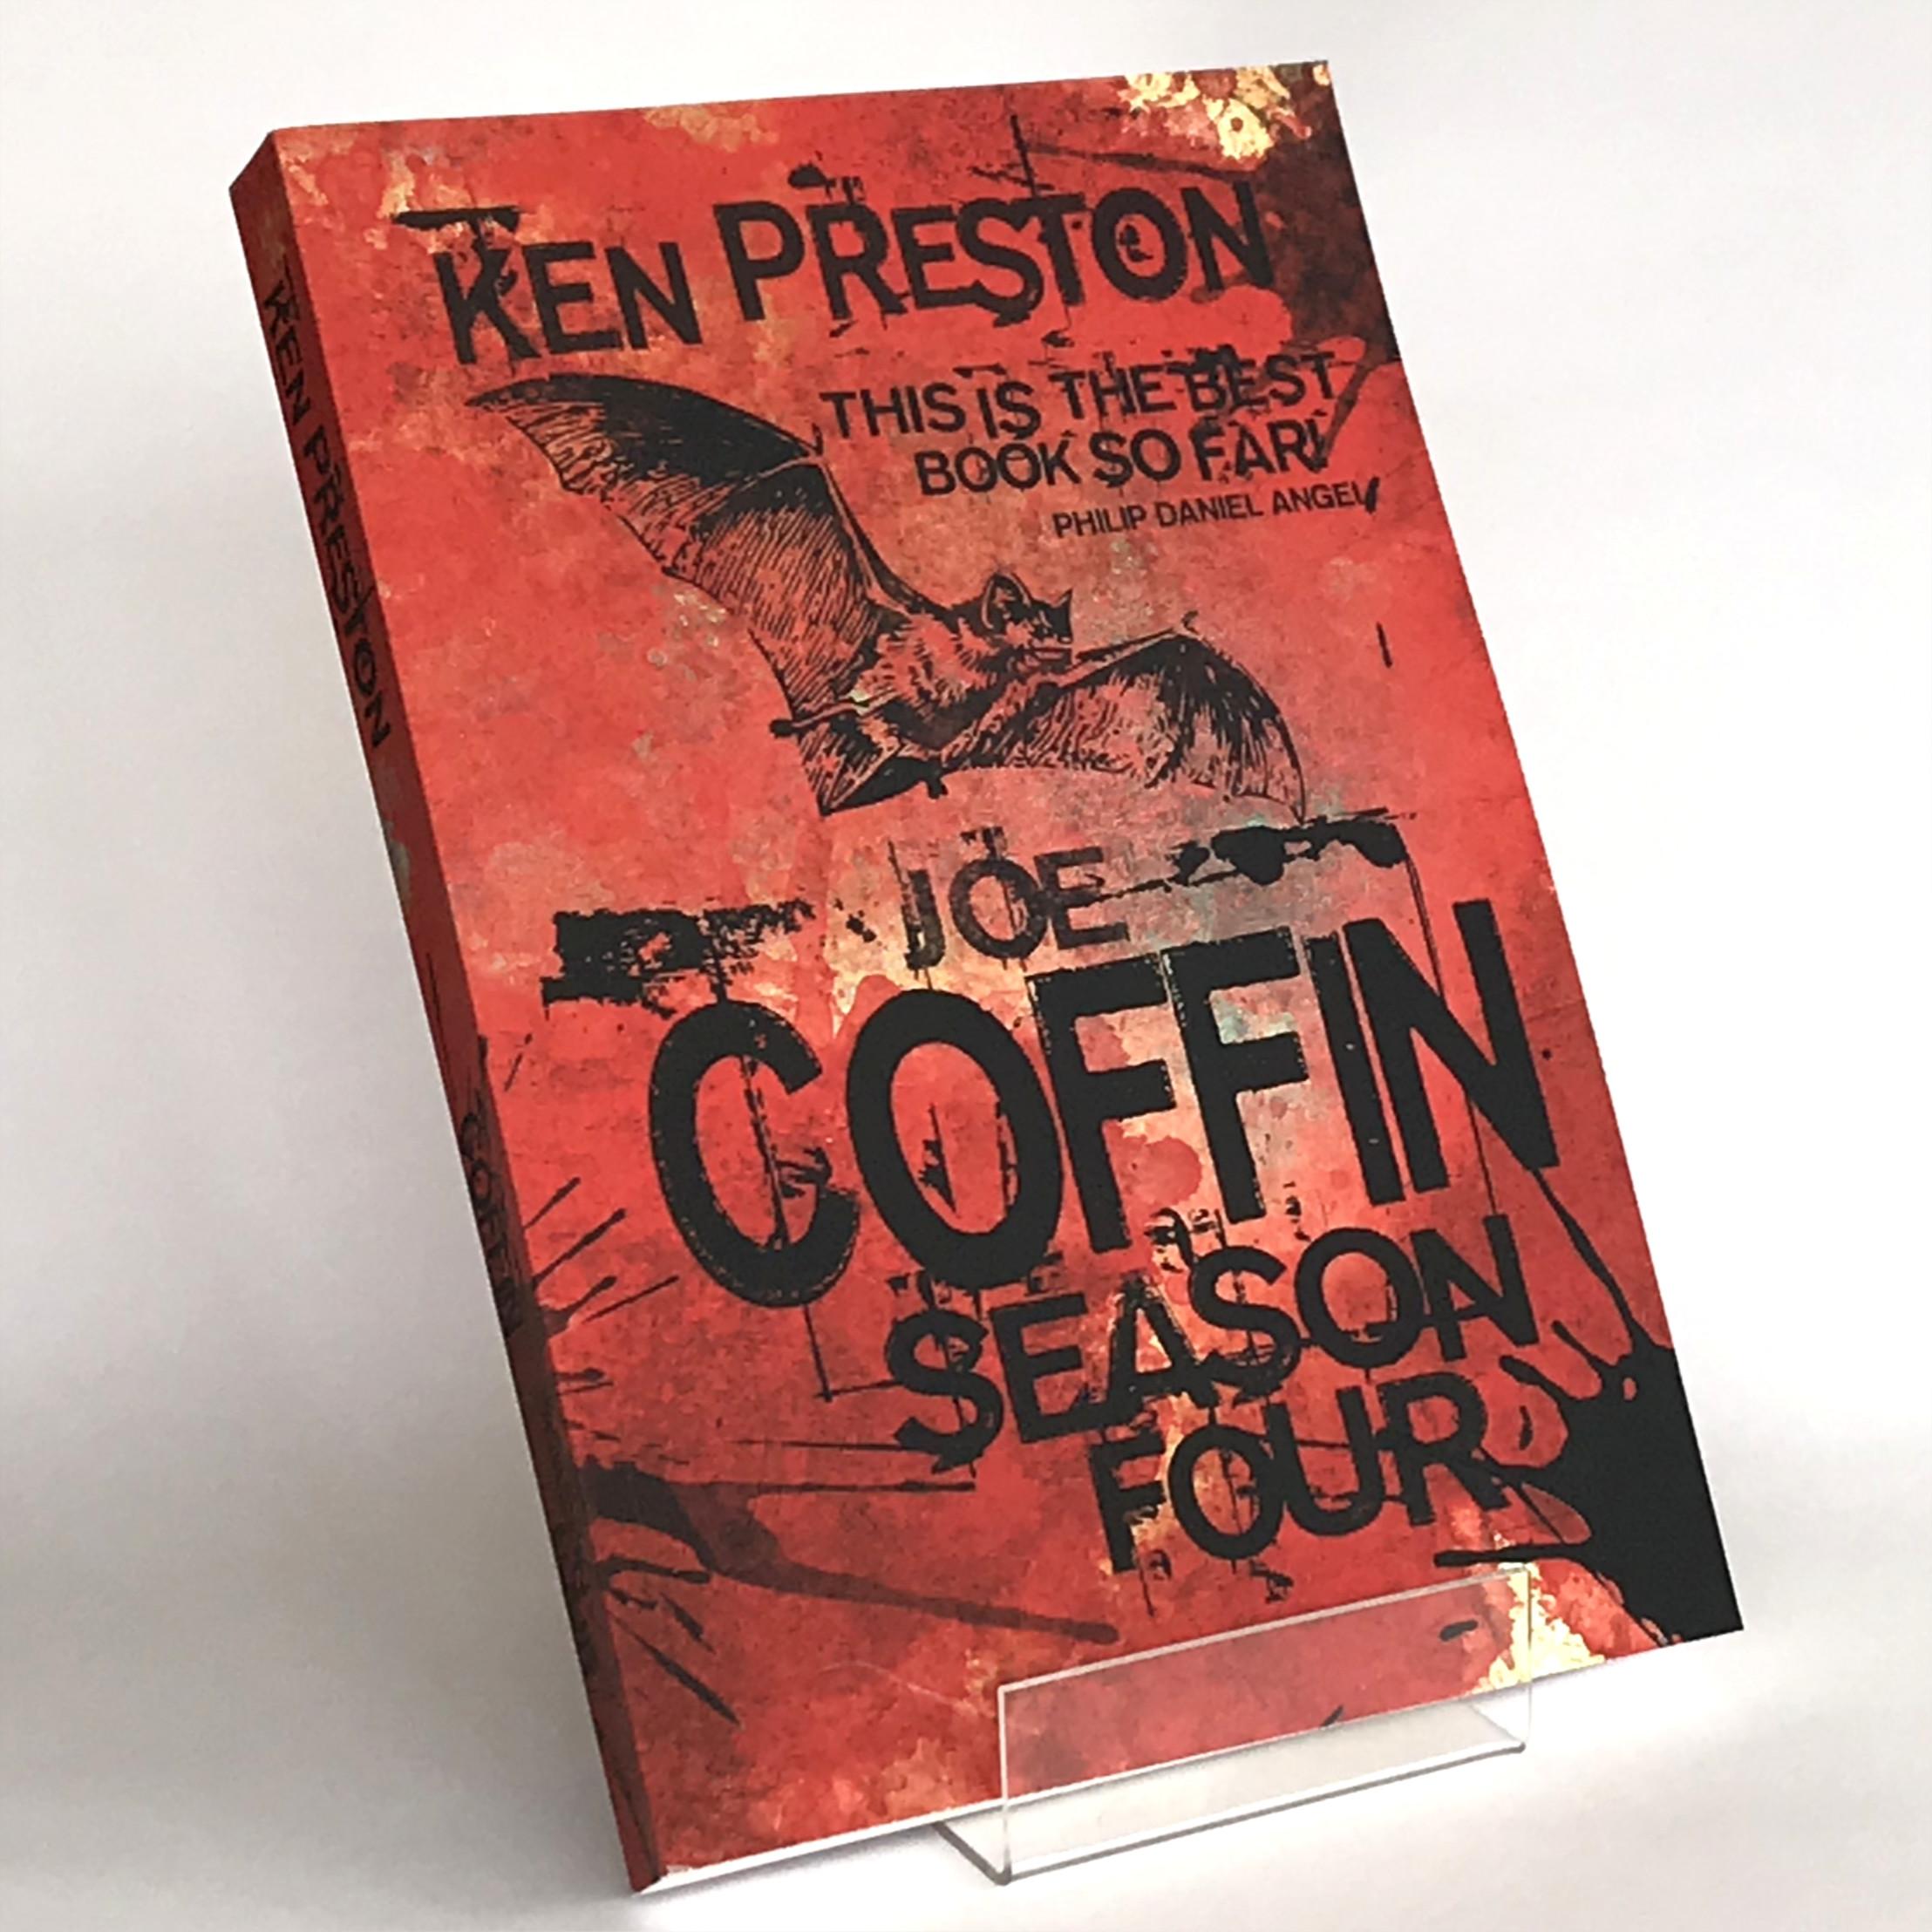 Joe Coffin Season Four Paperback